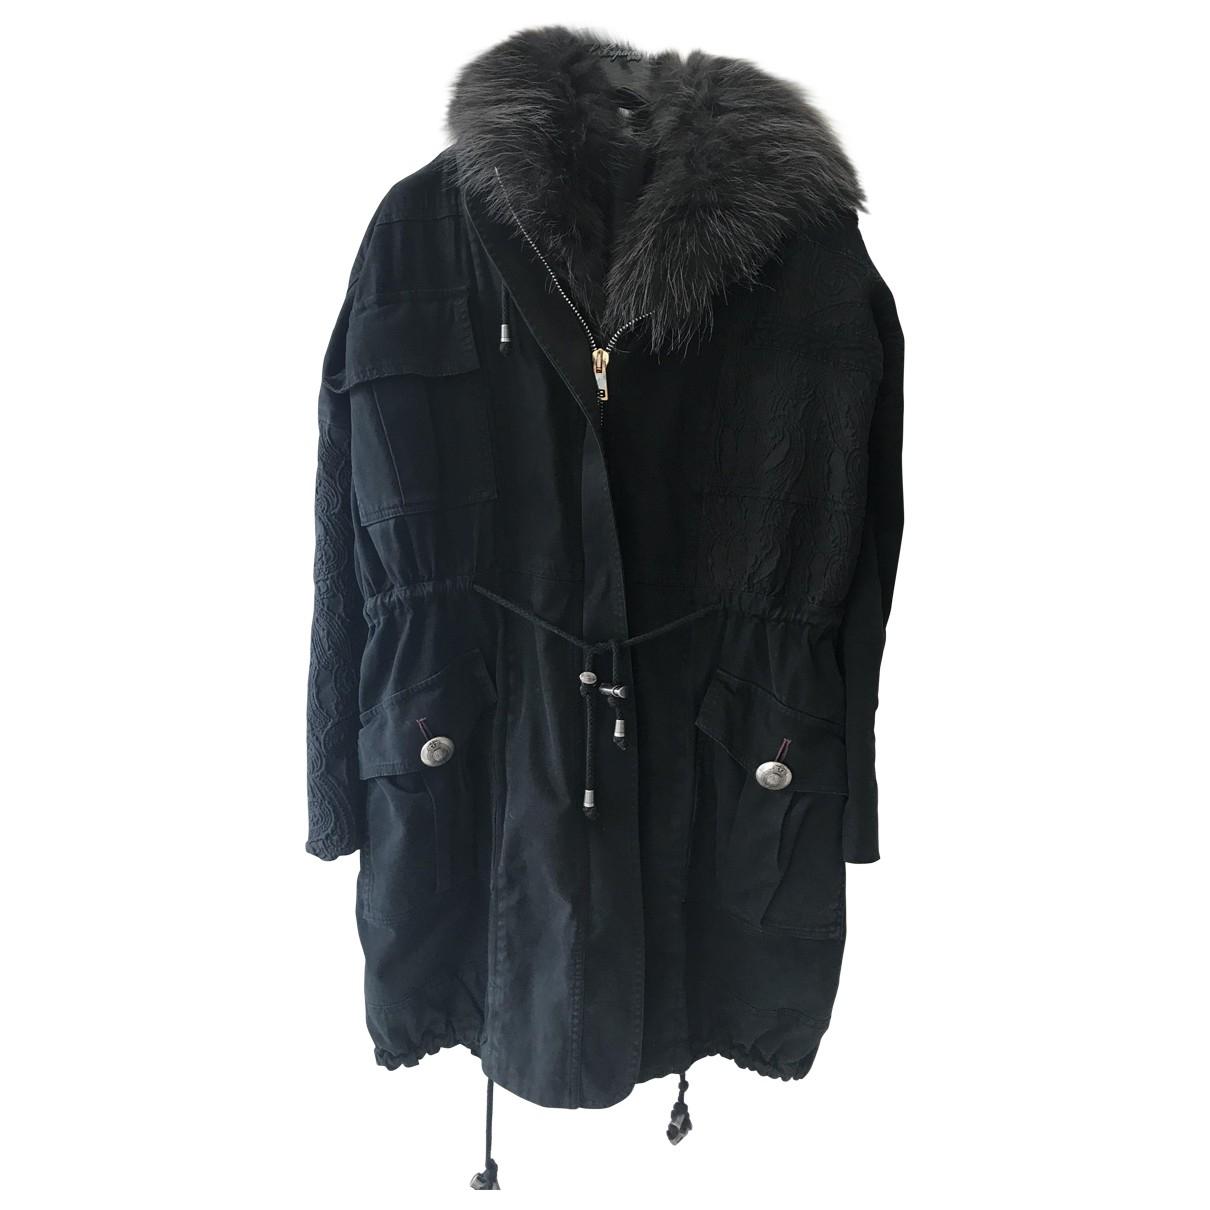 Project Foce Single Season \N Black Cotton coat for Women 40 IT